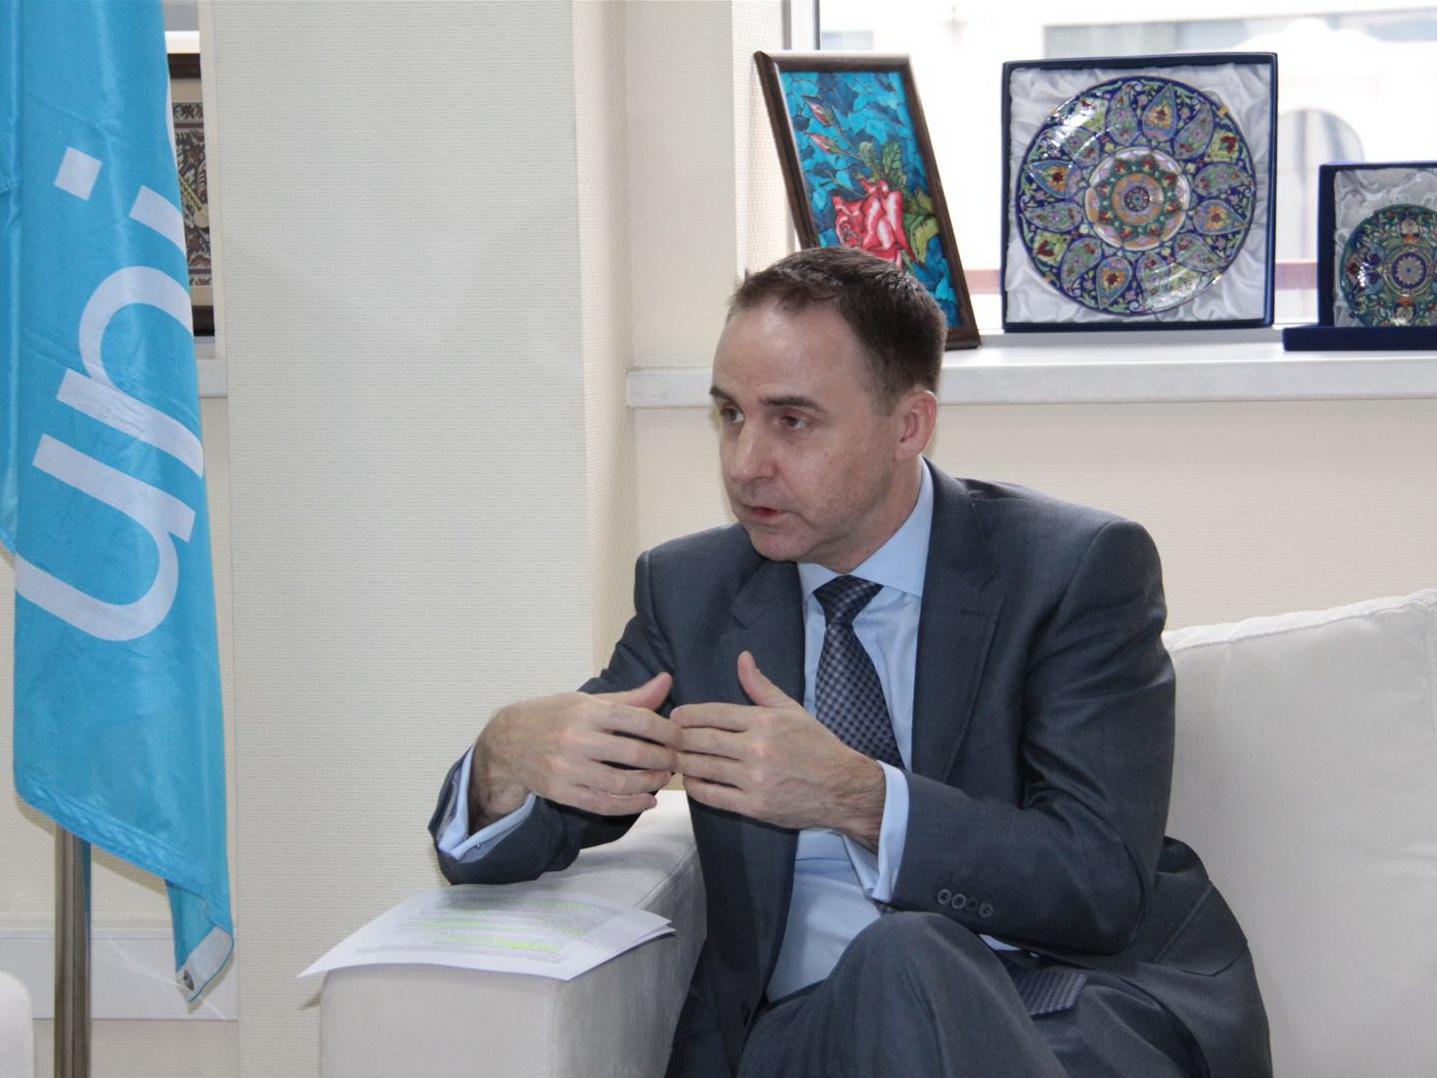 Посол: «UNICEF ставит цель – обеспечить раннее развитие детей в Азербайджане» – ФОТО – ВИДЕО